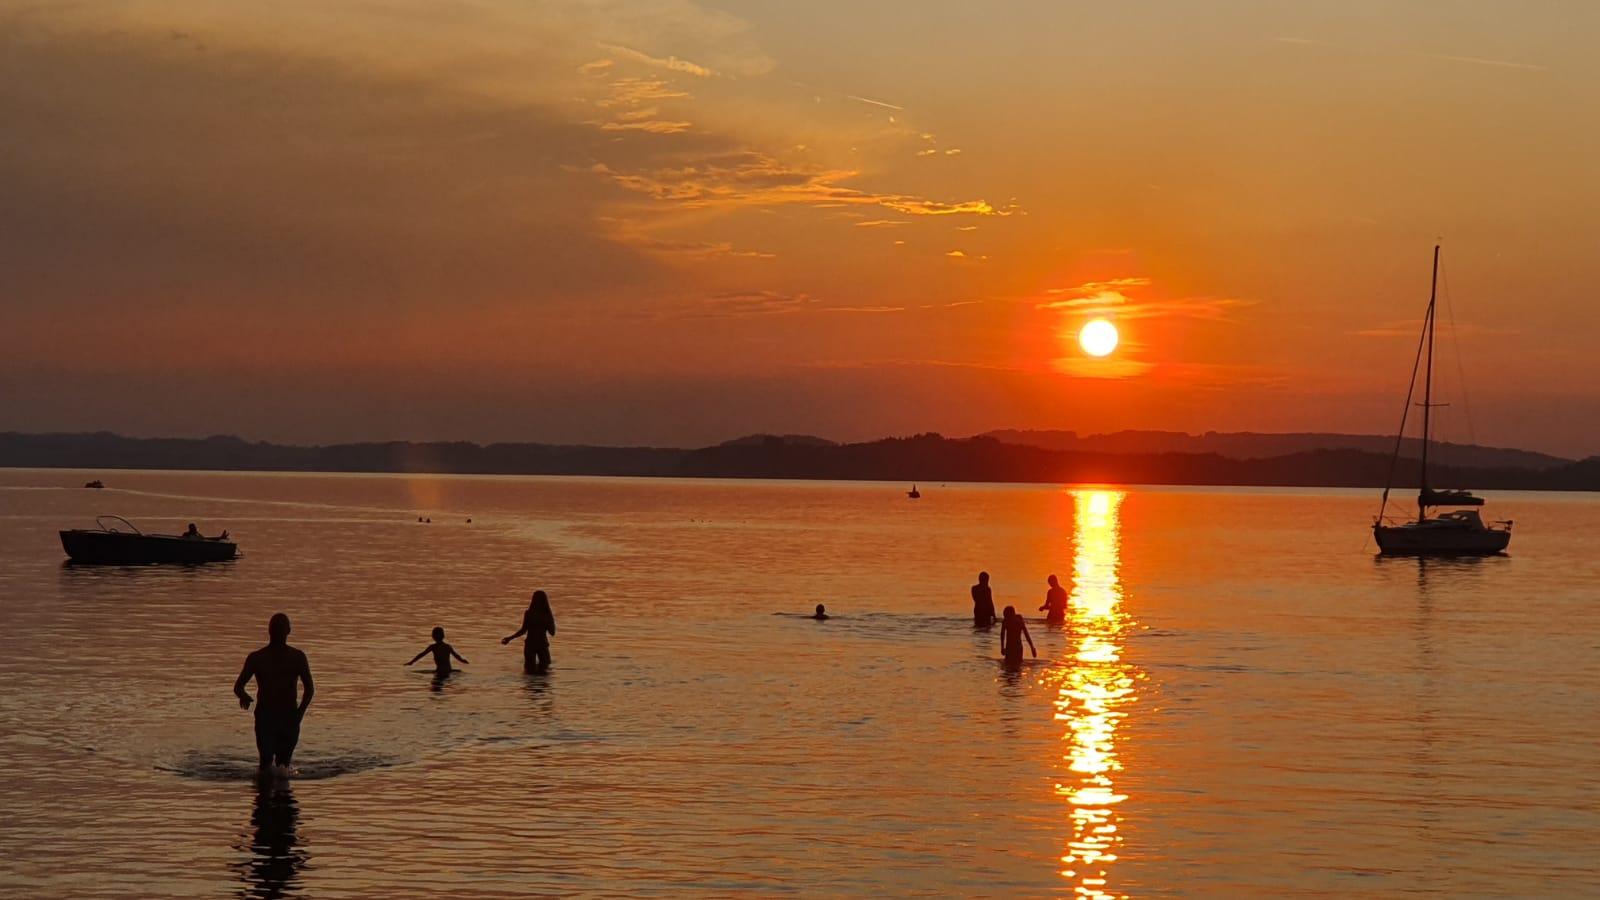 Sonnenuntergang_2_Chiemsee freigegeben für